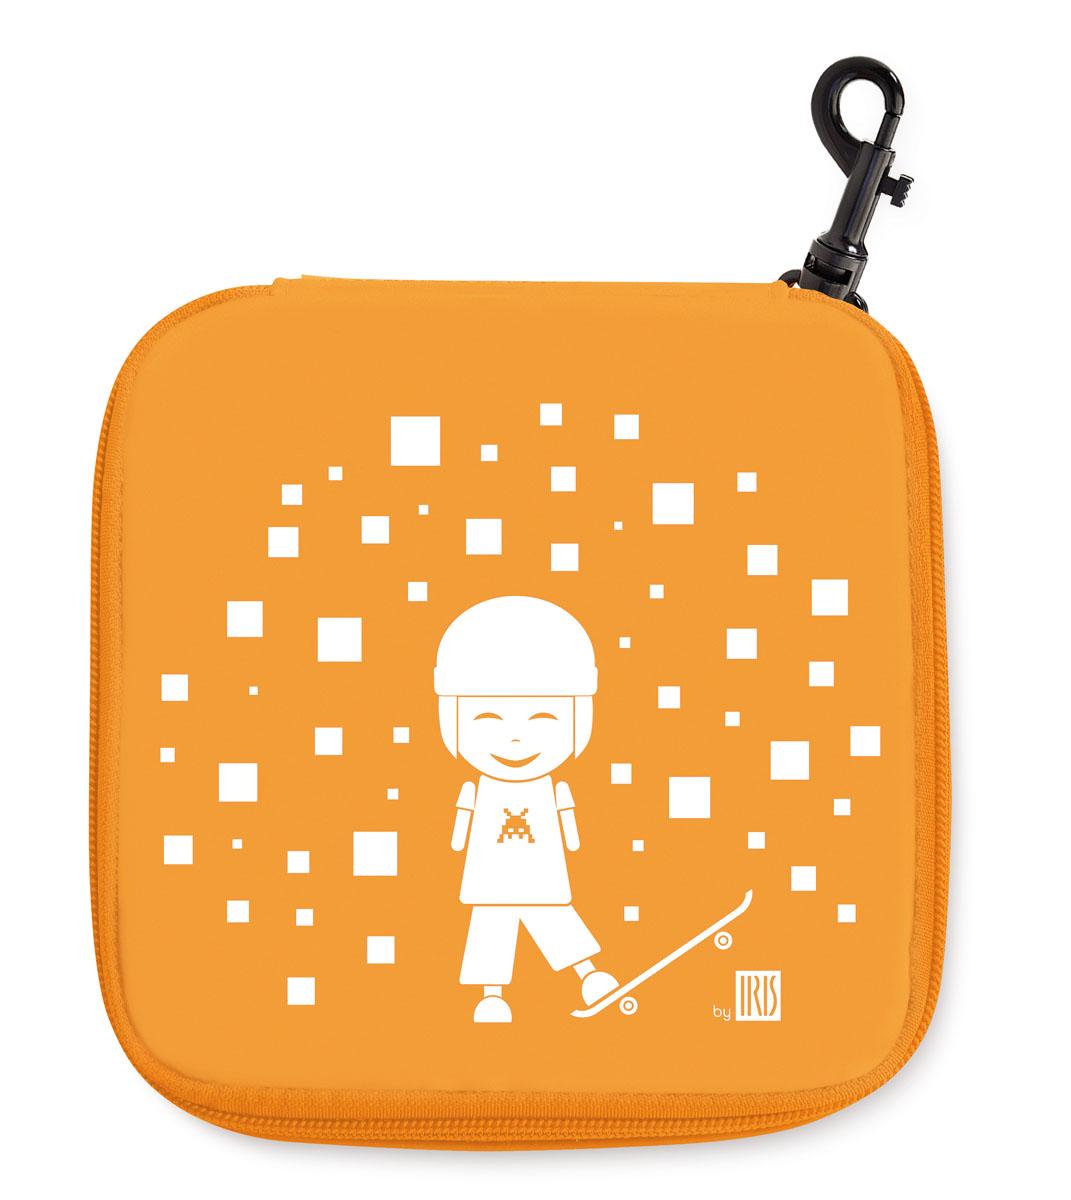 Термобутербродница Iris Barcelona Kids, цвет: оранжевый, 15 х 15 см9911-TNТермобутербродница Iris Barcelona Kids идеально подходит, чтобы взять ее в школу, на прогулку или в поездку. В течение нескольких часов сохранит еду свежей и вкусной благодаря специальному внутреннему покрытию из теплоизолирующего материала. Специальный фиксирующий поясок не позволит бутерброду распасться. Имеет внутренний карман для салфеток. Плотный материал стенок сохранит бутерброд от любых внешних воздействий и сохранит его форму. Можно написать имя и контактные данные владельца. Безопасный пластмассовый карабин позволит легко пристегнуть бутербродницу к ранцу или сумке. Заменяет все одноразовые упаковки. При бережном использовании прослужит не один год.